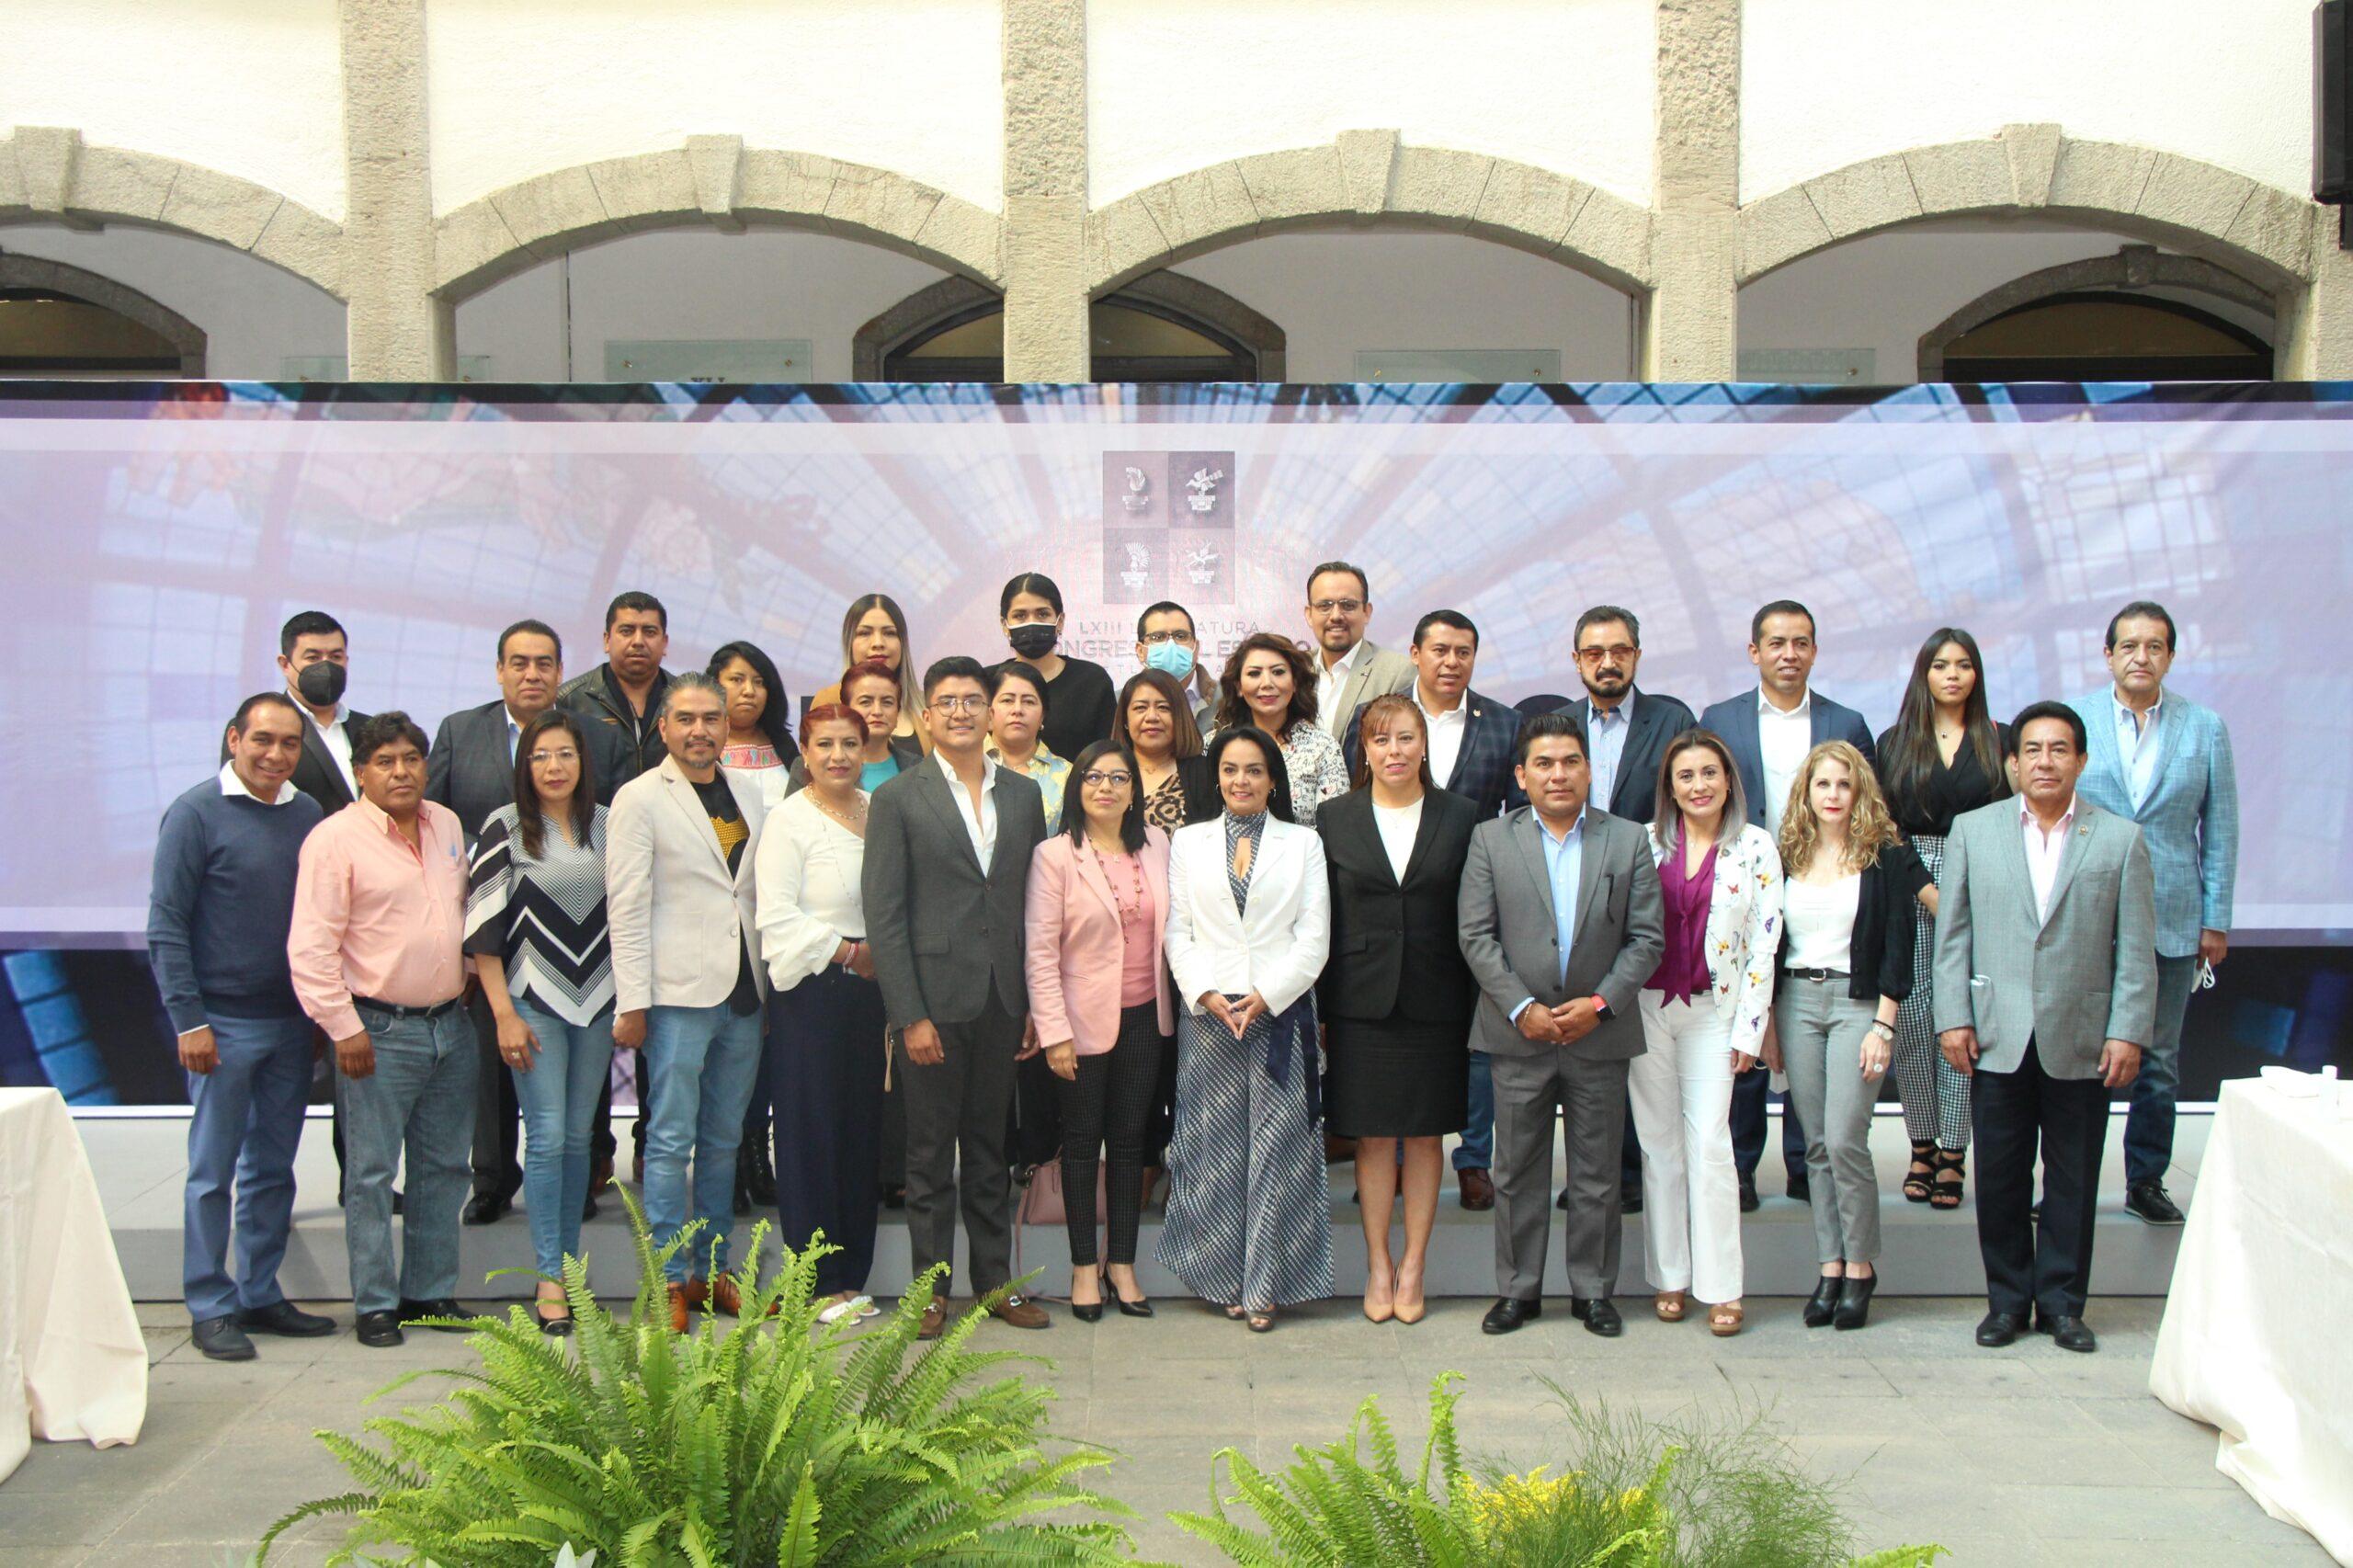 INICIA LA LXIII LEGISLATURA DIÁLOGO CON LEGISLADORES ELECTOS RUMBO AL PROCESO DE TRANSICIÓN